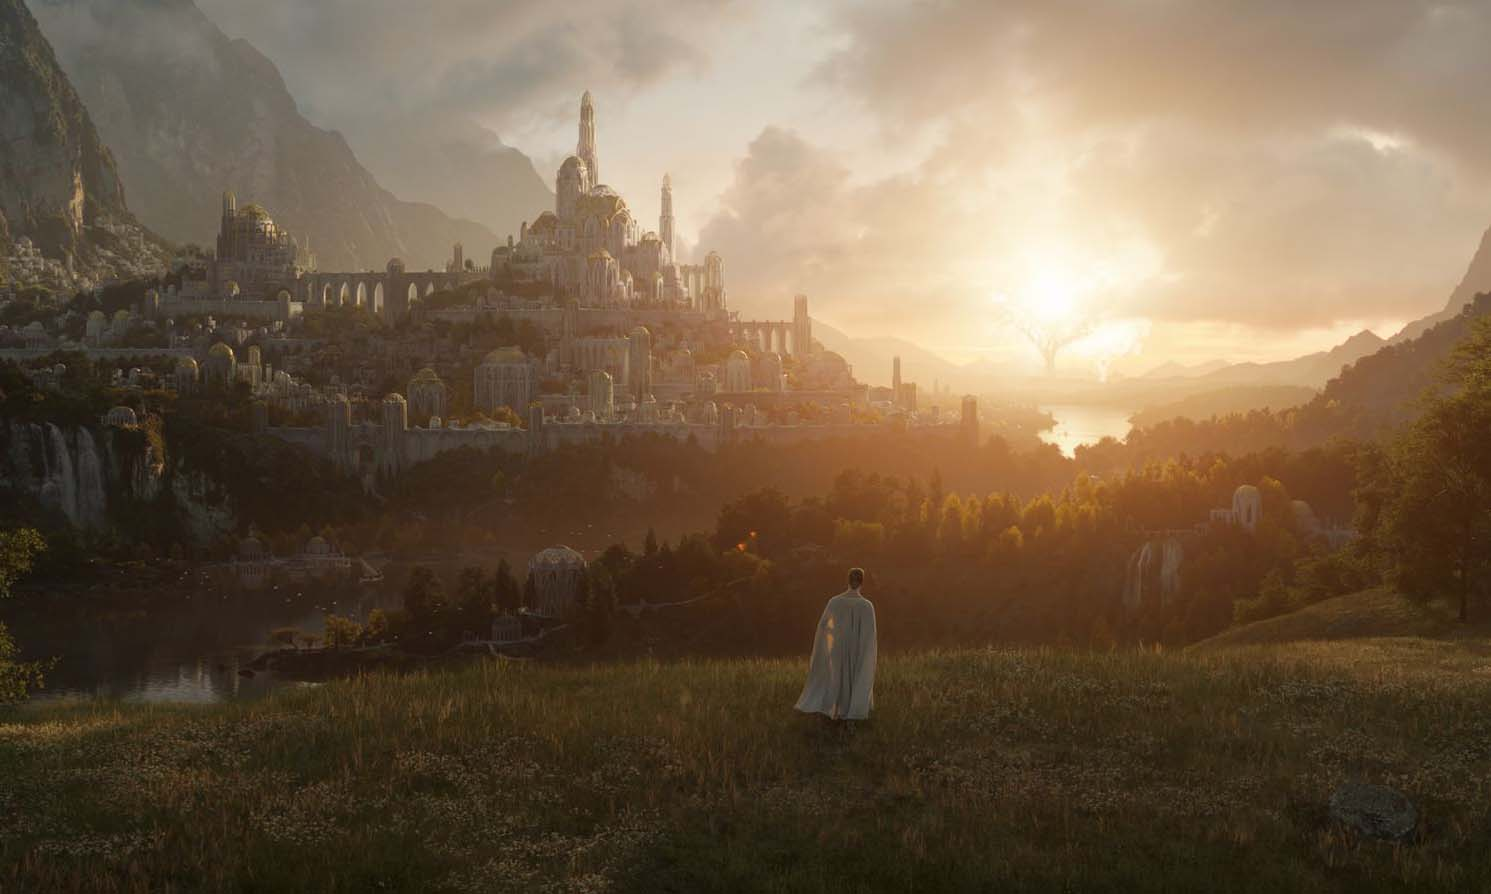 亚马逊《指环王》系列原创剧集将于明年 9 月首播